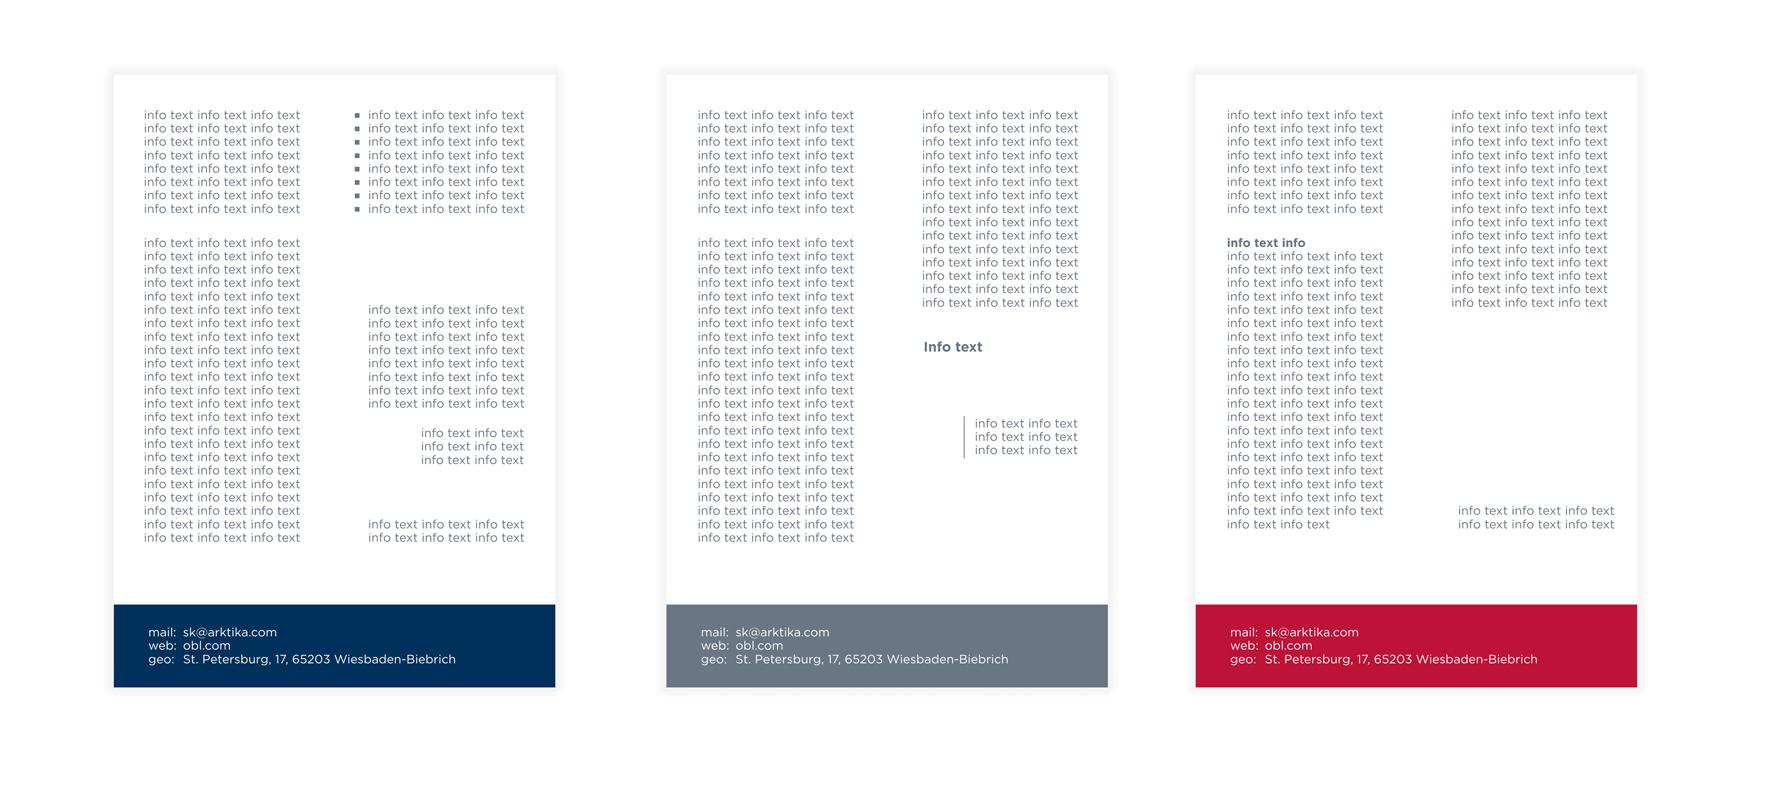 Дизайн и верстка лифлетов 3х дочерних судоходных компаний  фото f_3875b42847394dd0.jpg